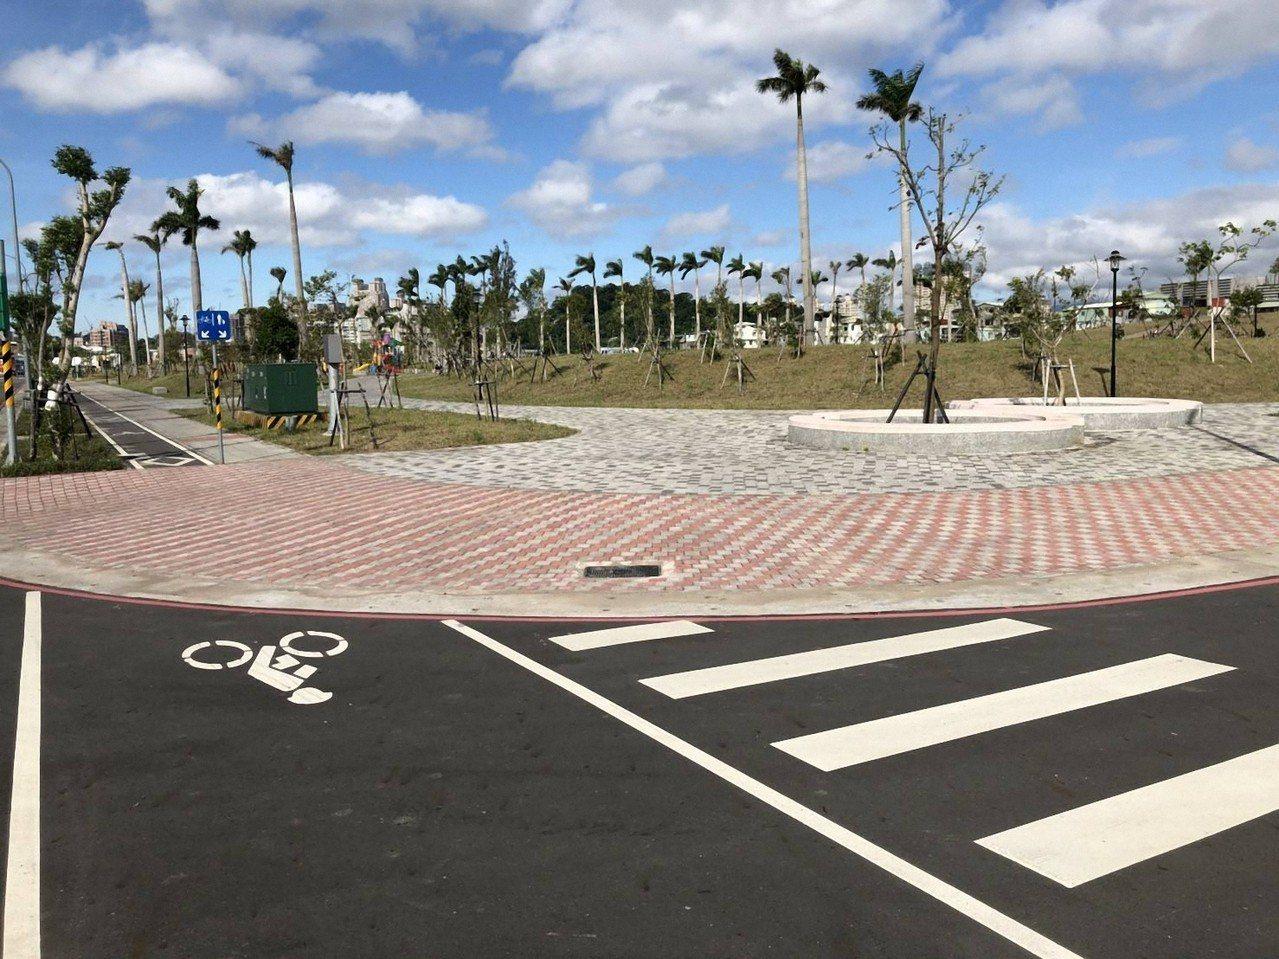 新店央北重劃區內十四張歷史公園將設置共融性遊戲場,打造特色公園並融入防災公園功能...